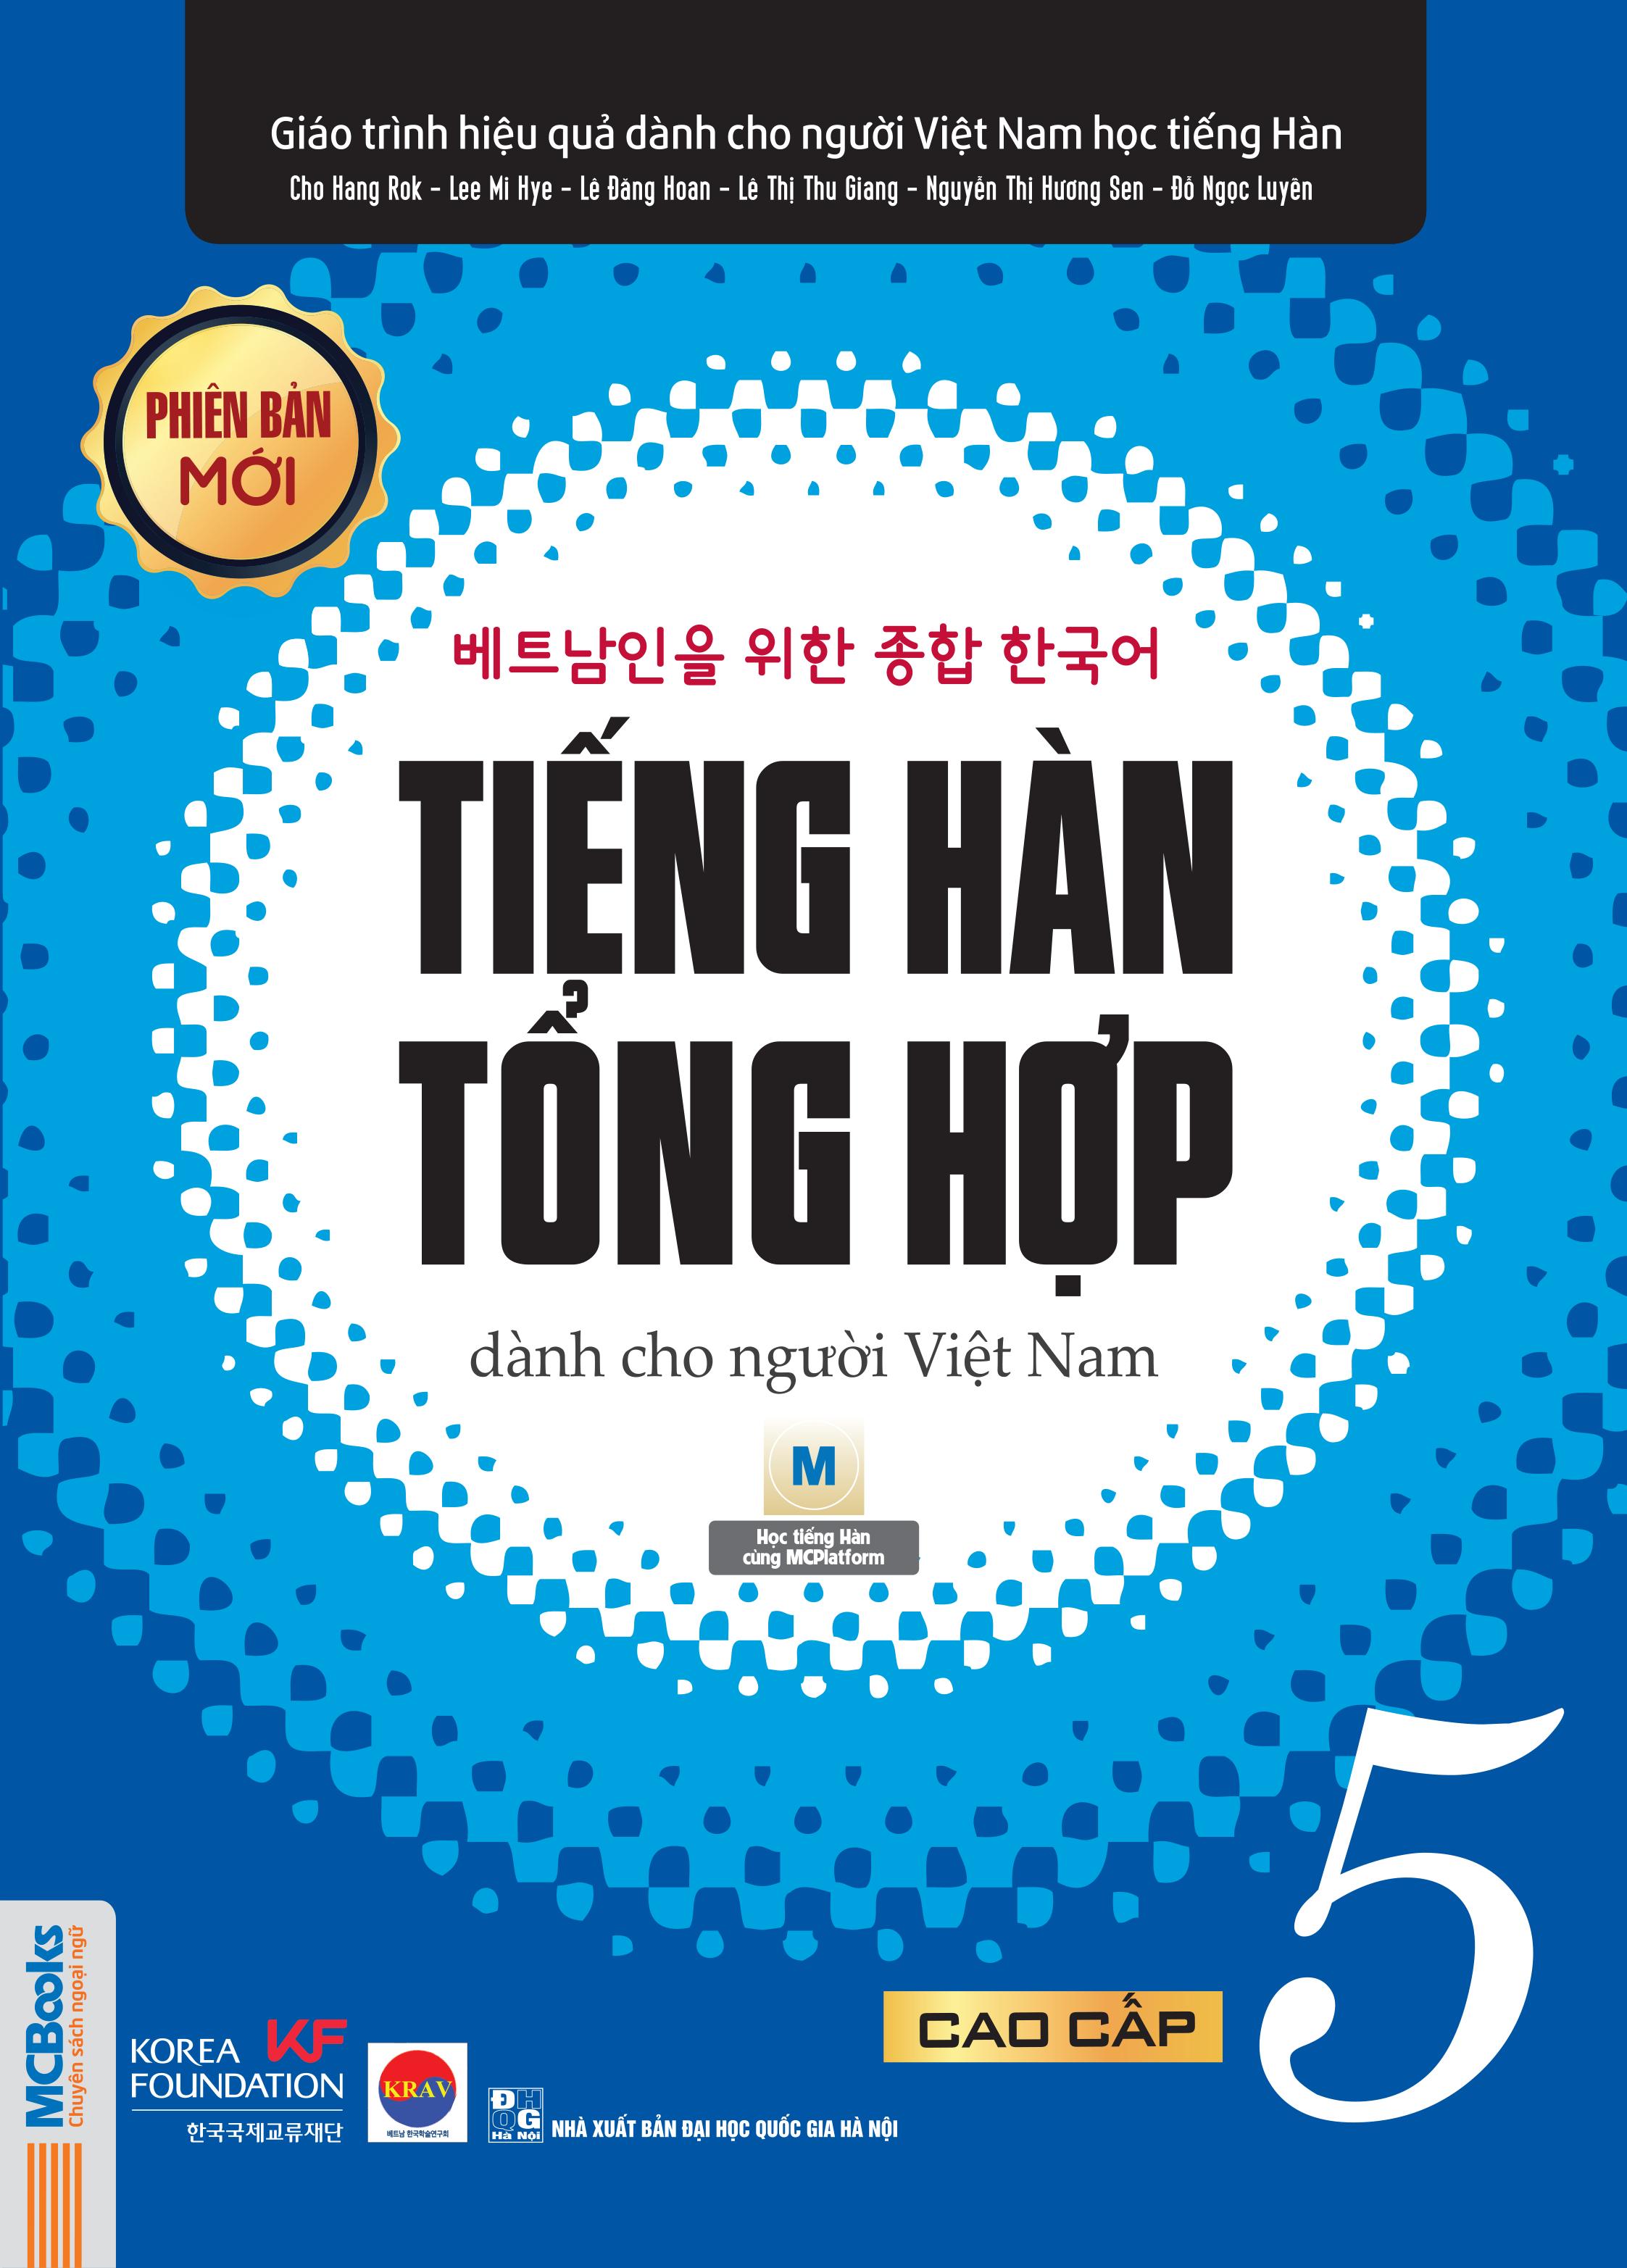 Sách giáo trình tiếng Hàn tổng hợp cao cấp 5 bìa trước - bản đen trắng